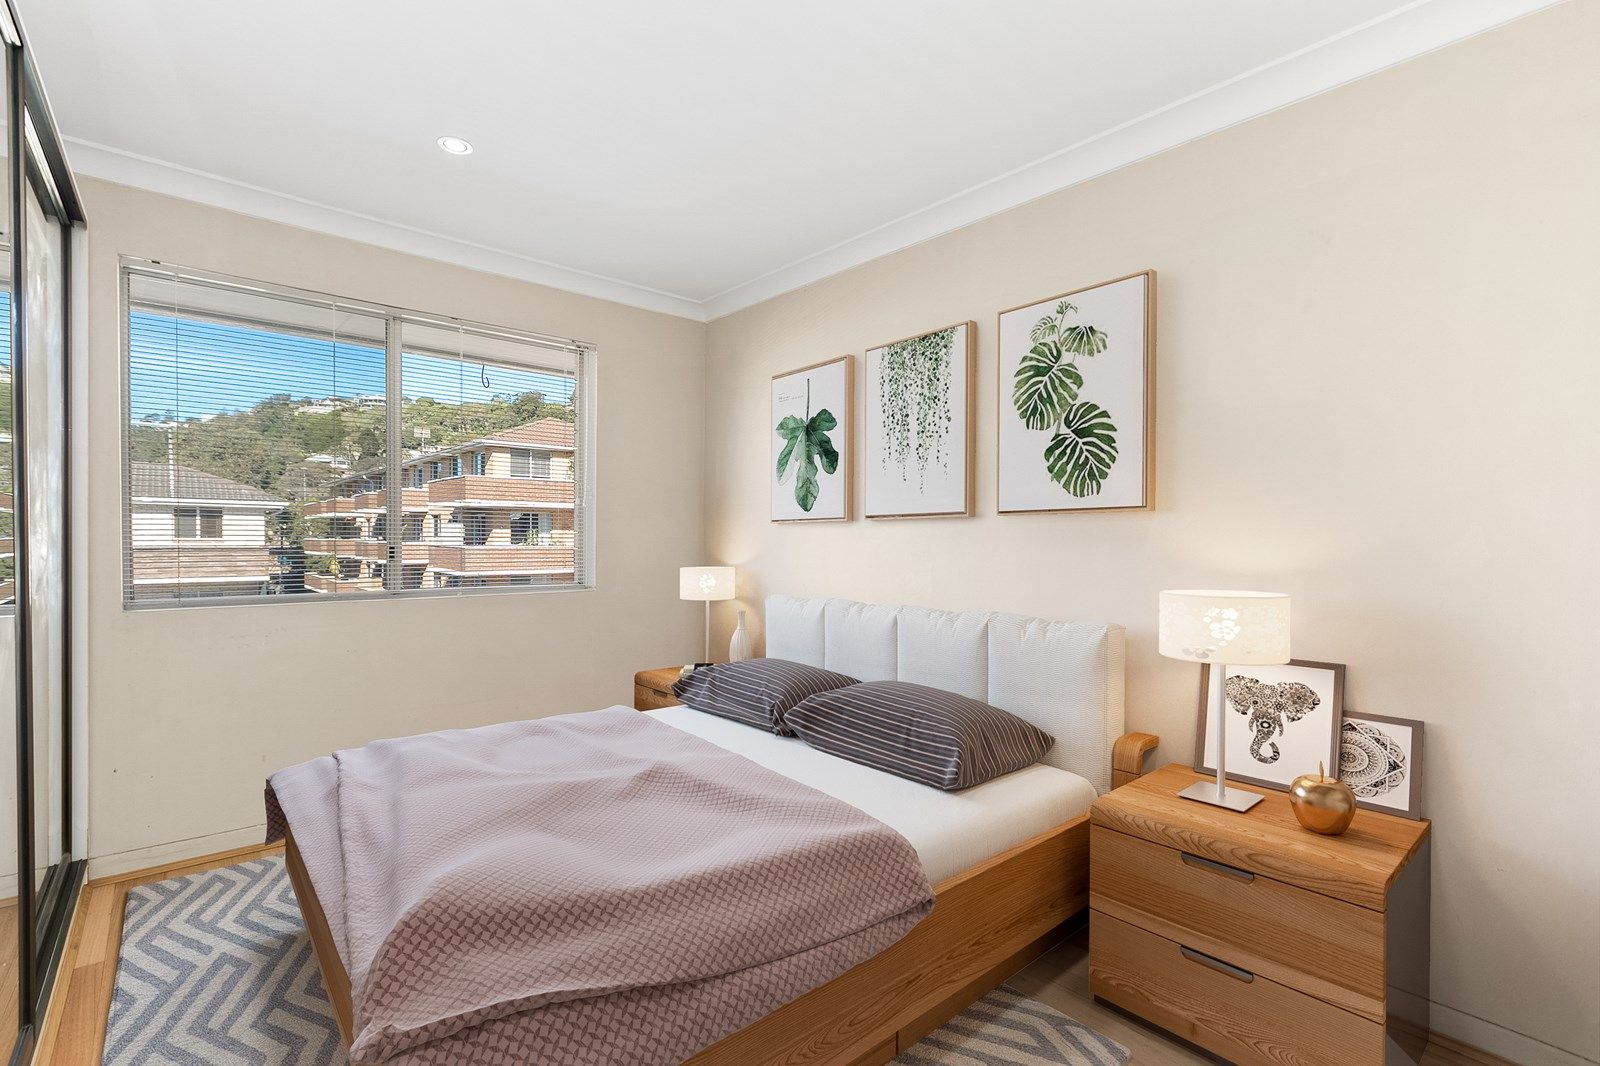 10/12 Mactier Street, Narrabeen NSW 2101, Image 2